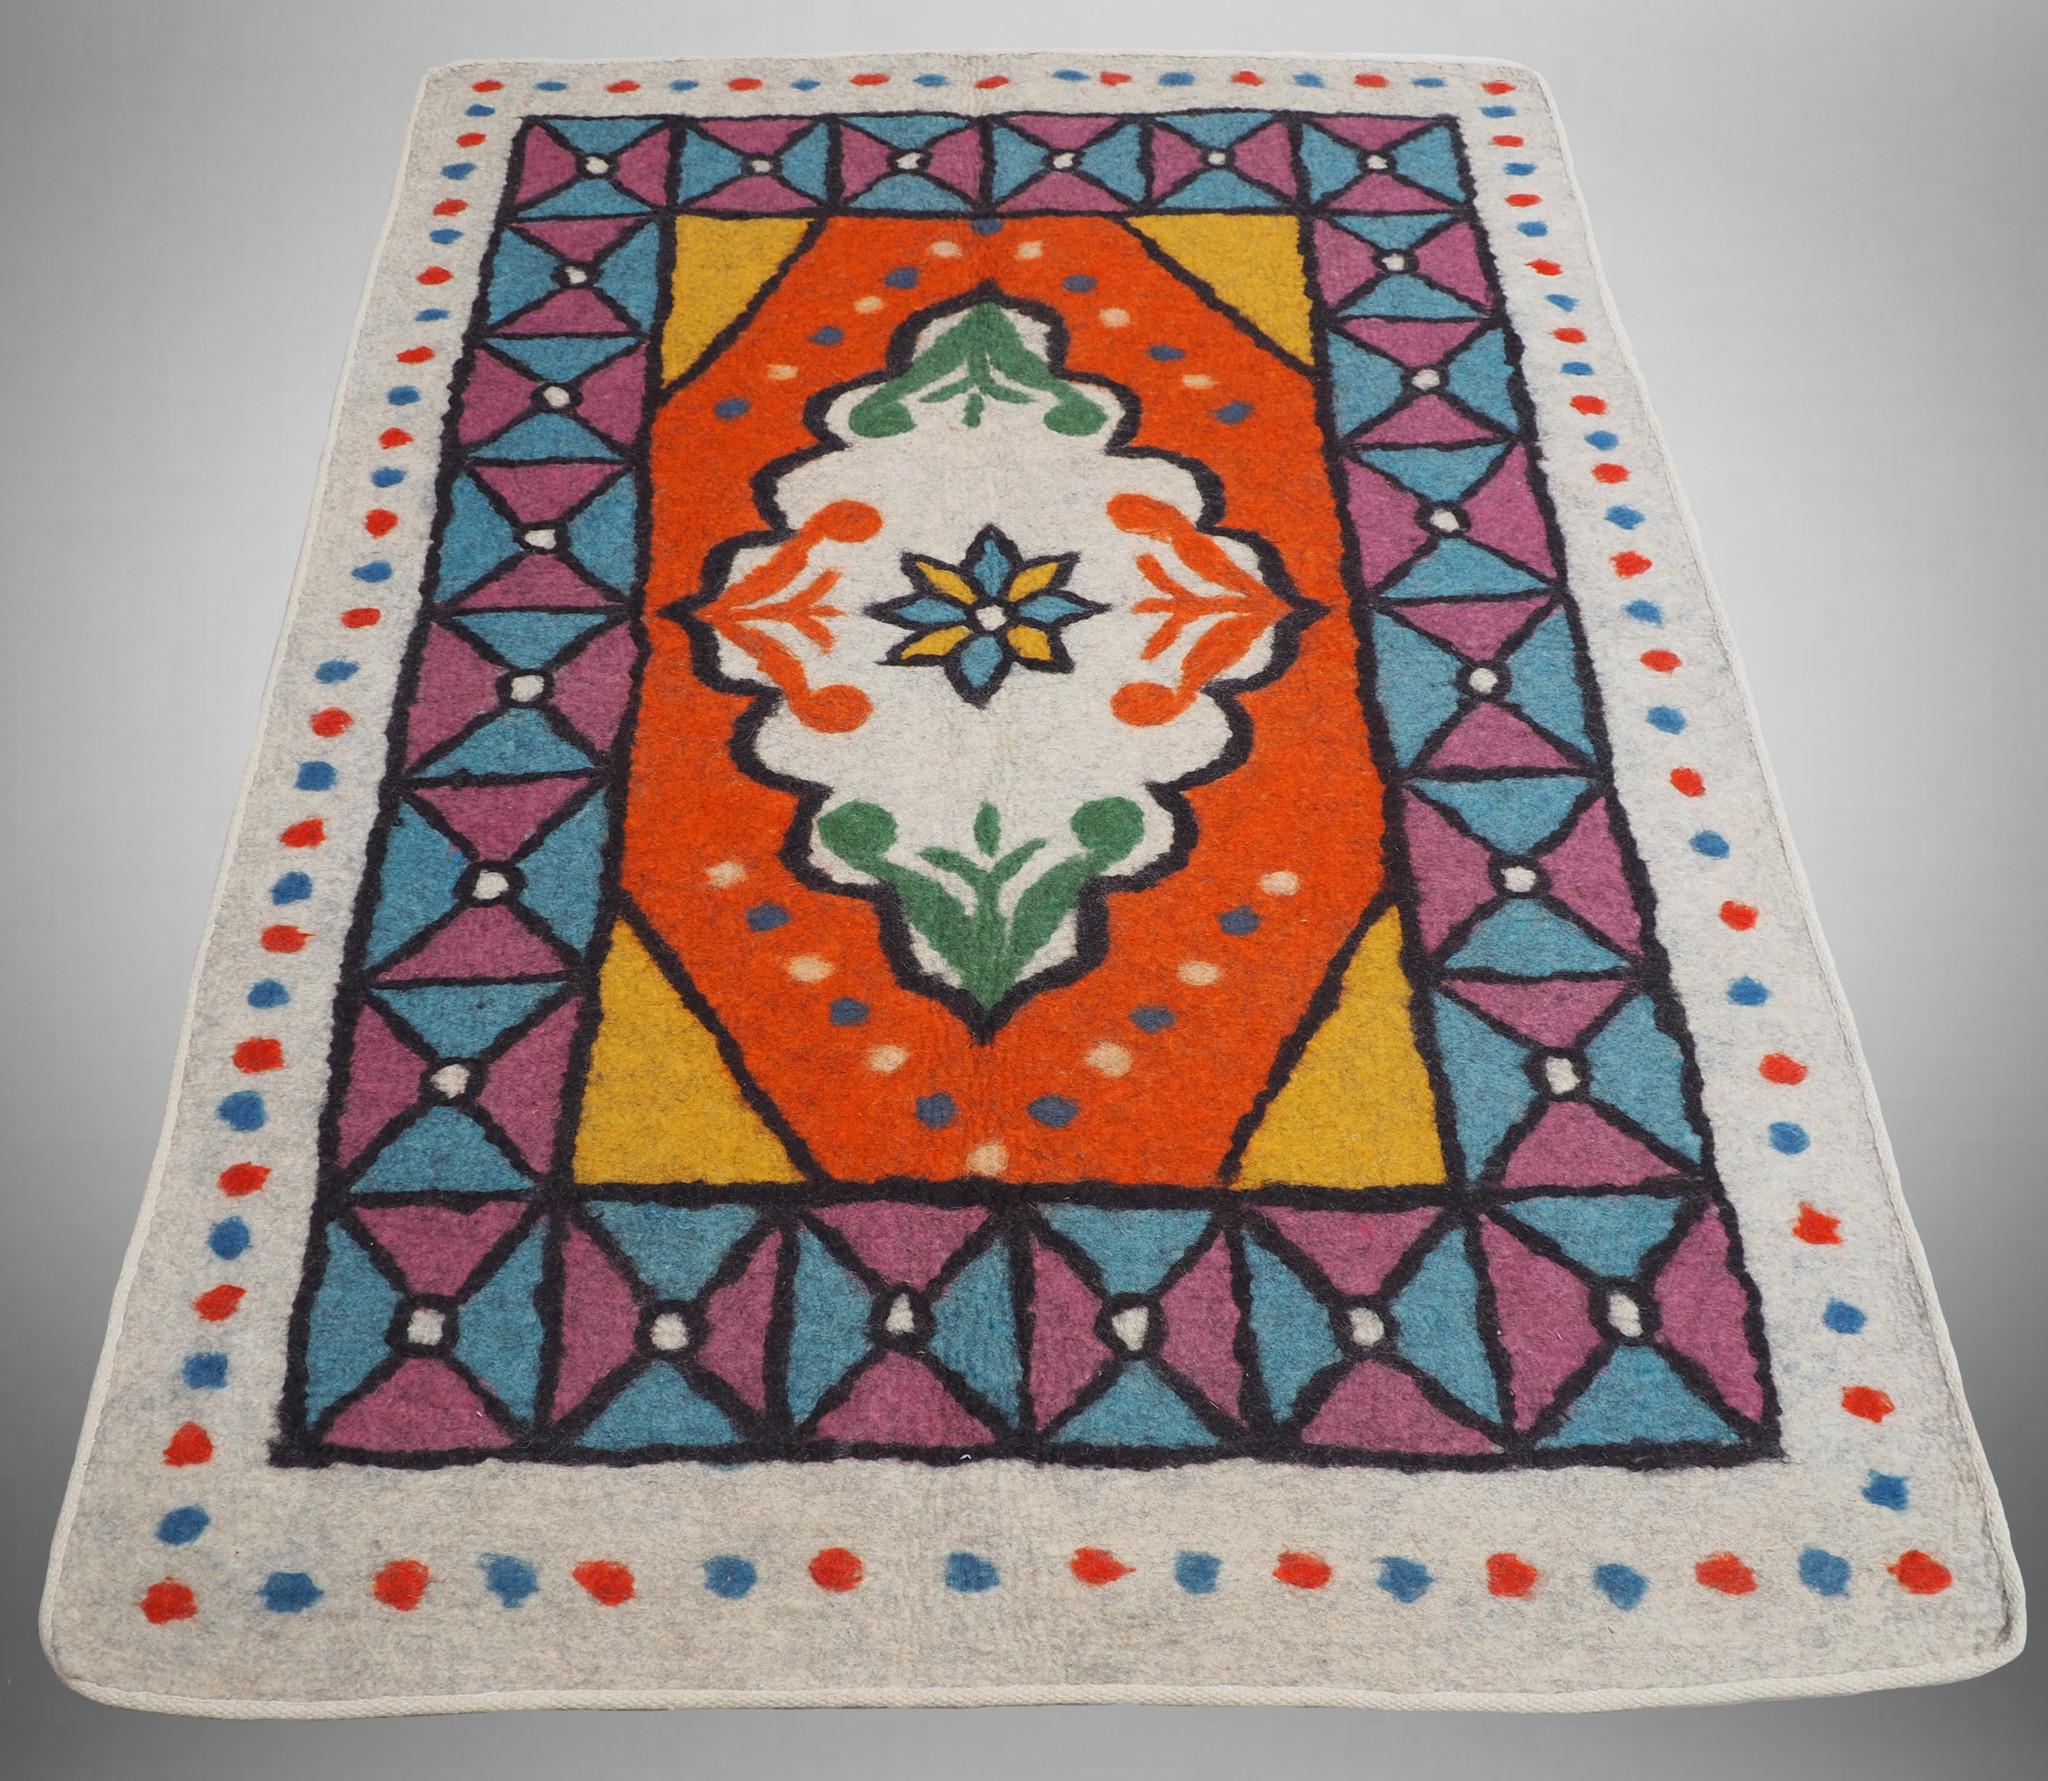 202x149 cm  tribal Nomadic Turkmen nomads Vintage felt rug rug from Afghanistan feltrug carpet shyrdak No-697